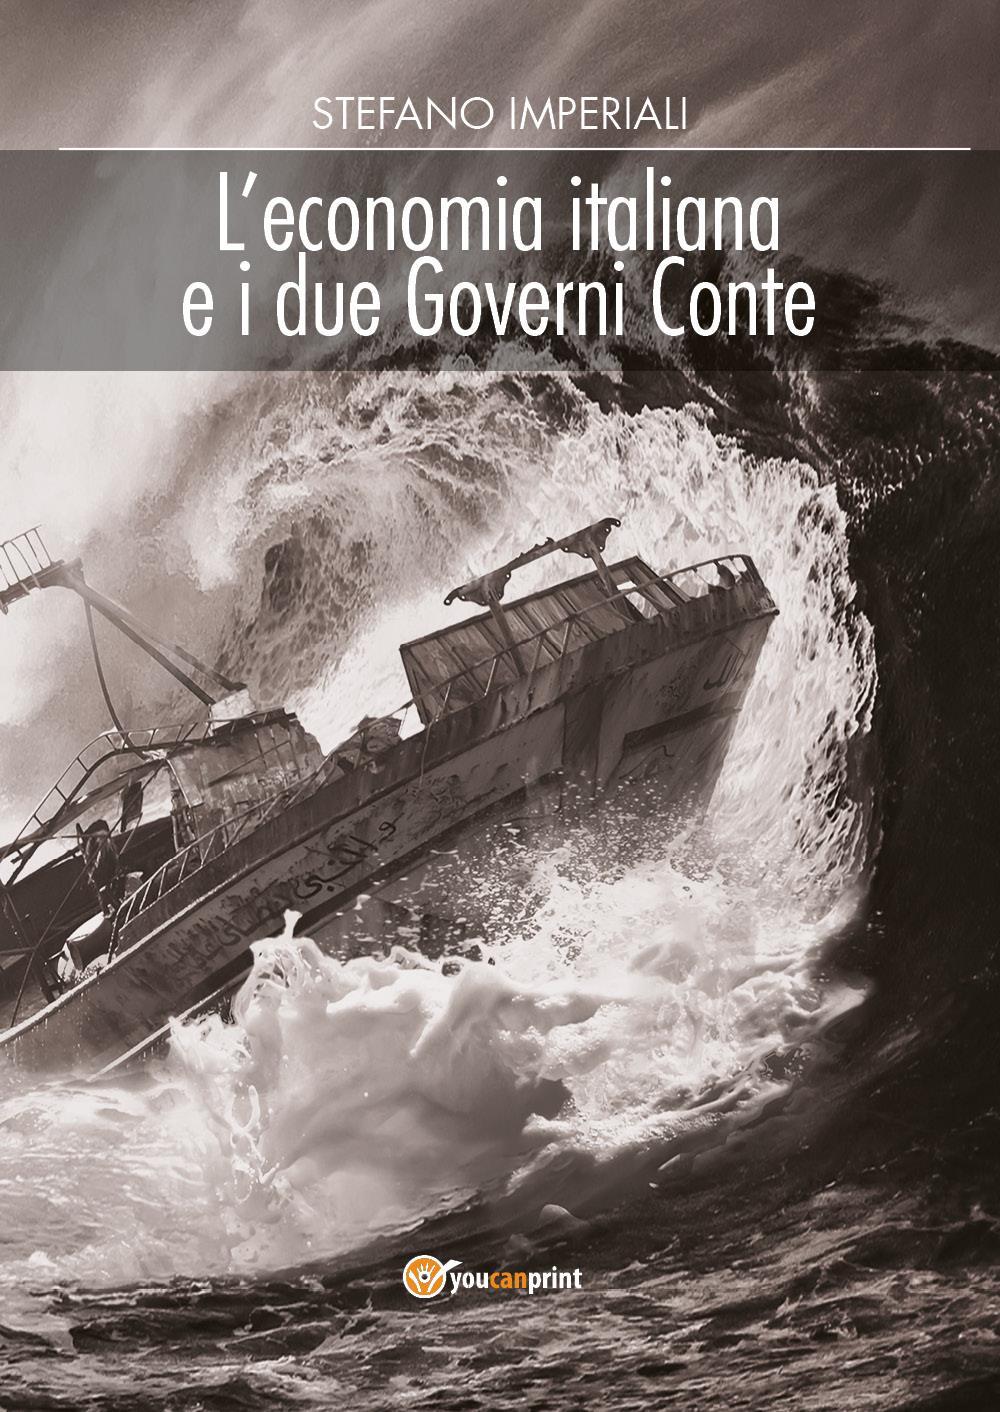 L'economia italiana e i due Governi Conte